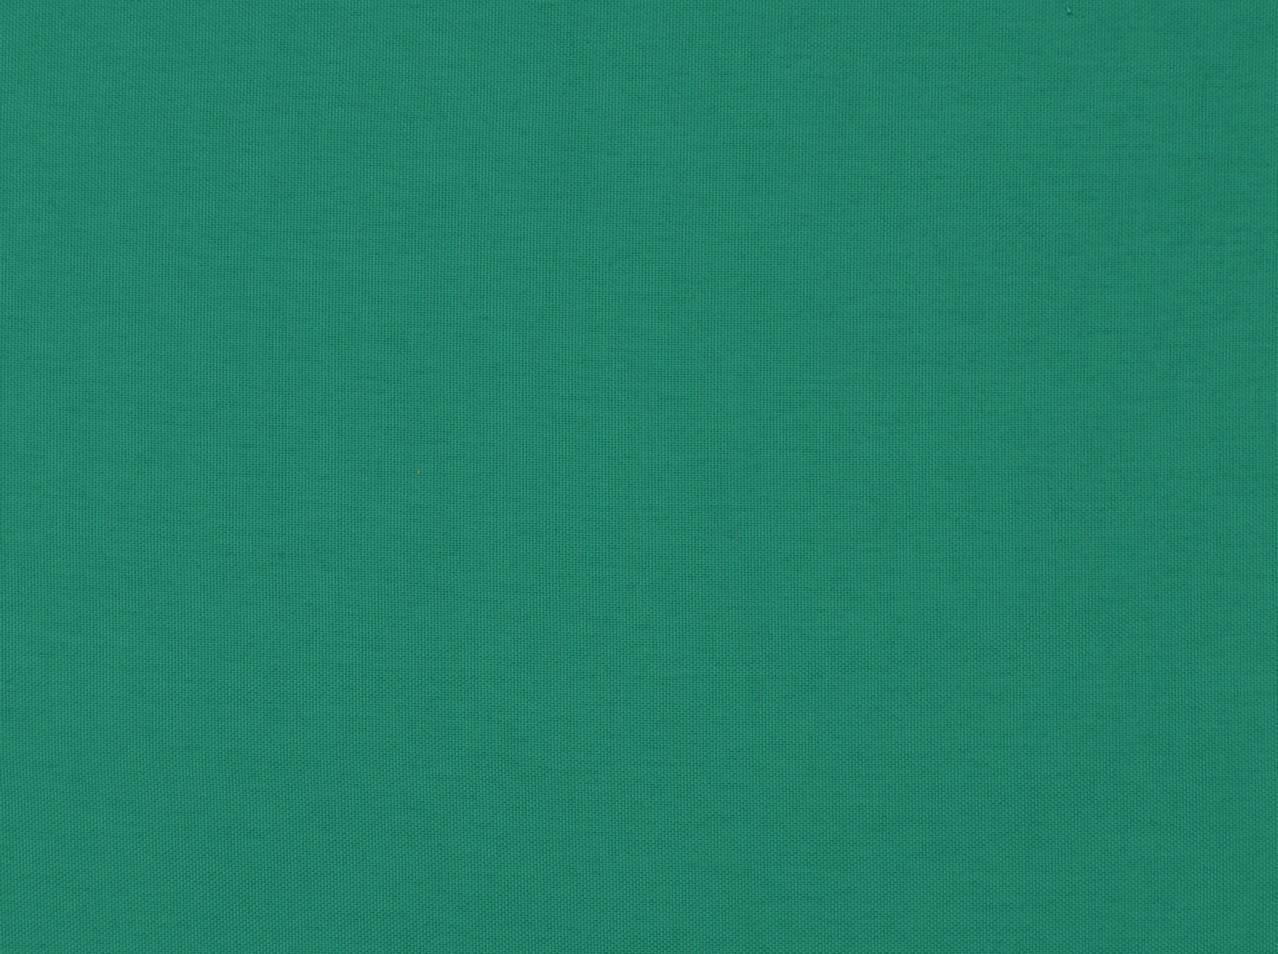 Sd zen 210 Jade